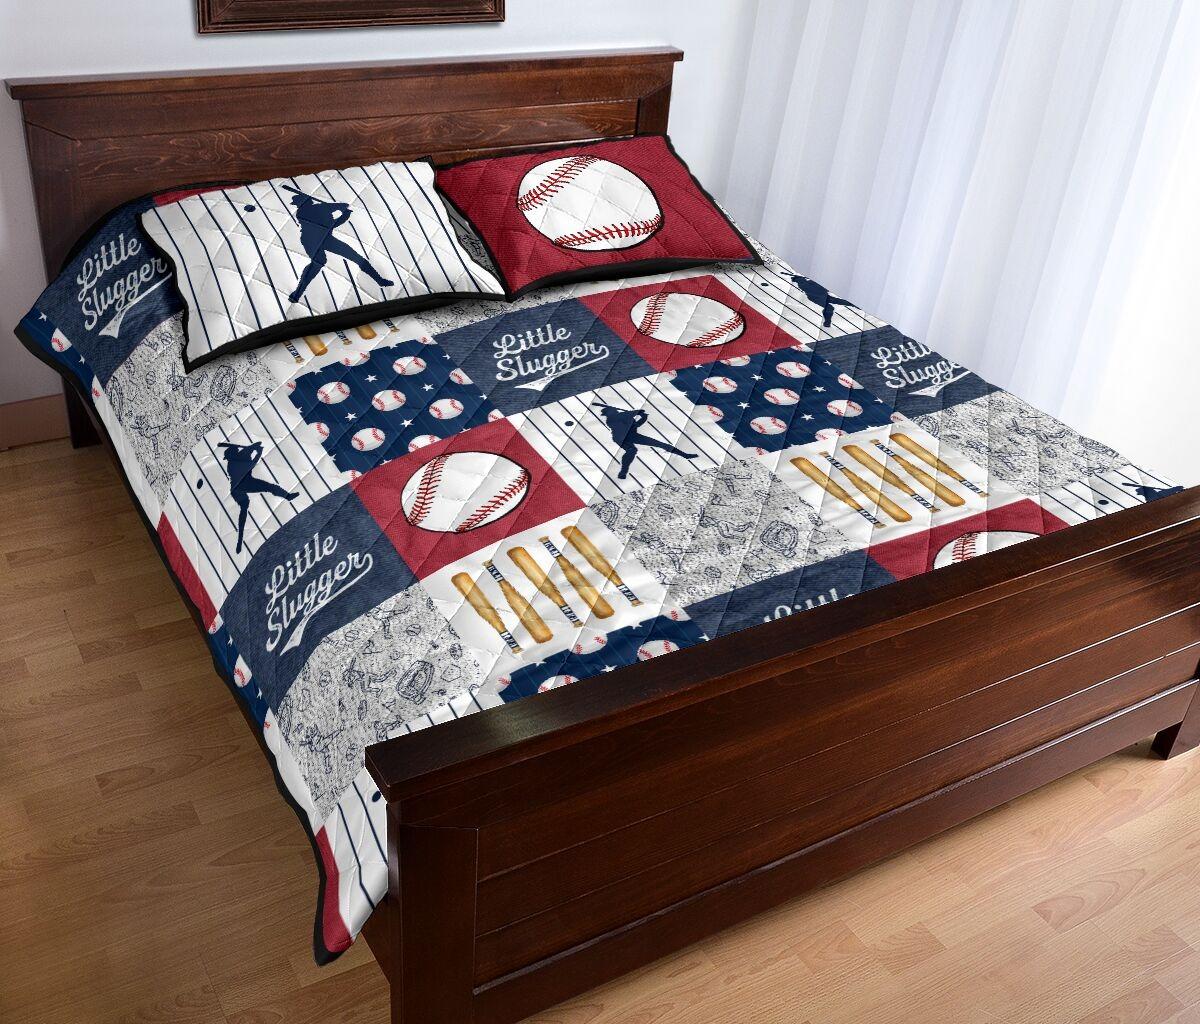 Baseball little slugger quilt bedding set 11